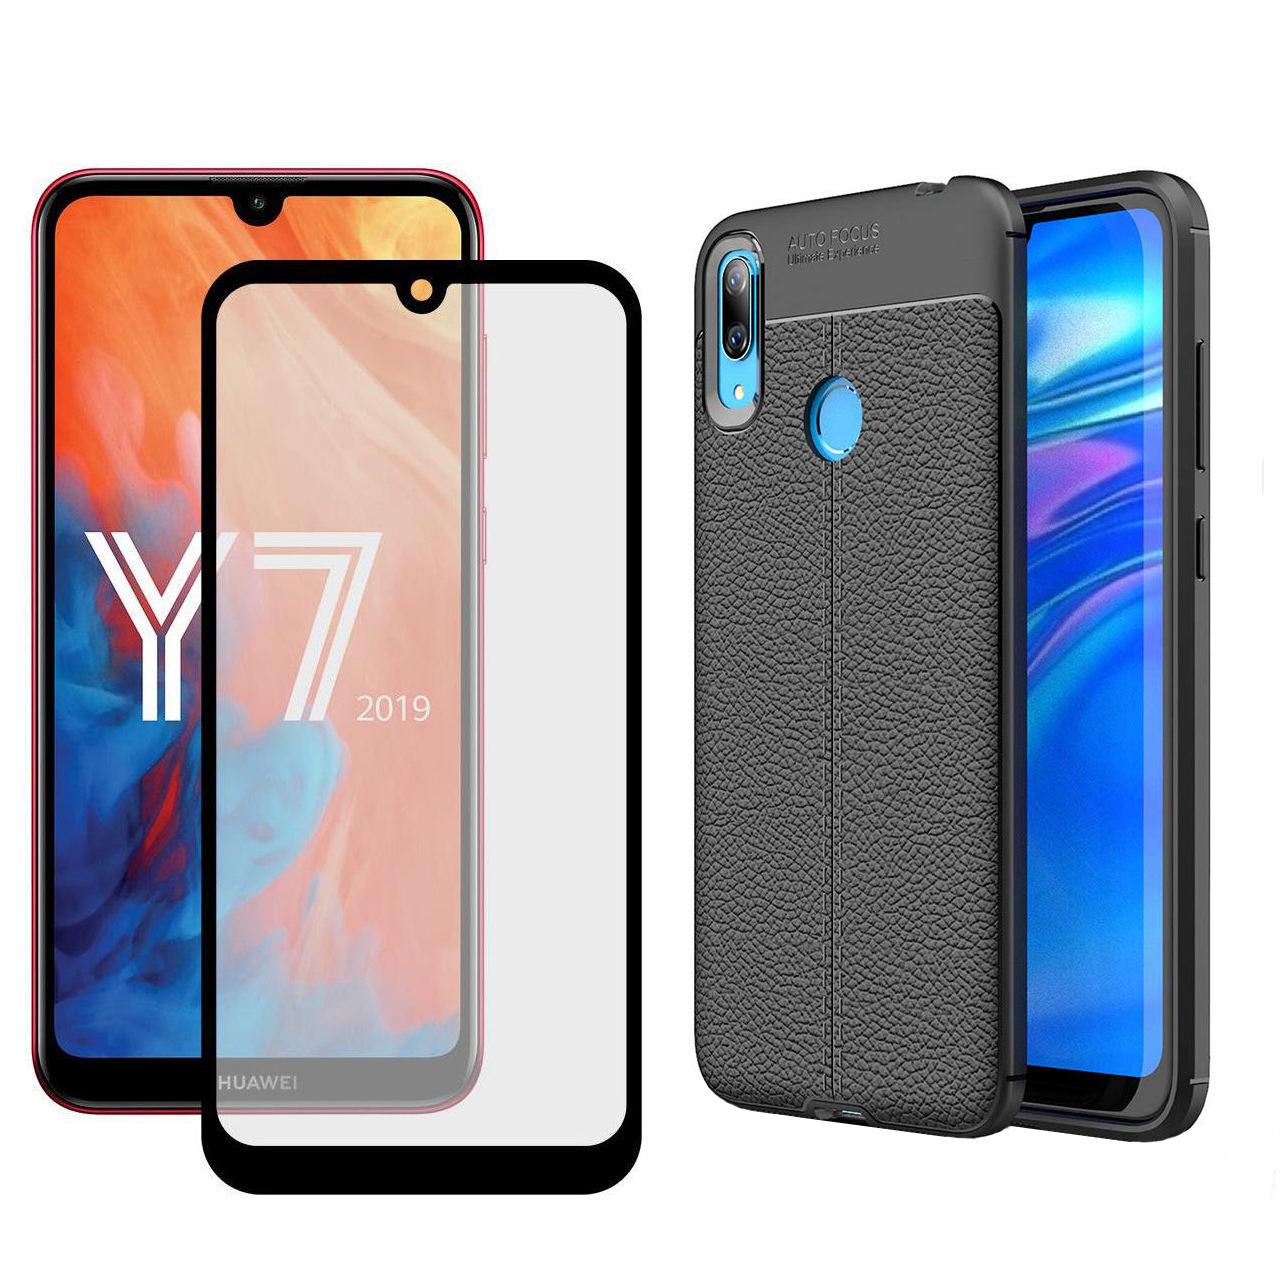 کاور مورفی مدل LM7 مناسب برای گوشی موبایل هوآوی Y7 Prime 2019/Y7 2019 به همراه محافظ صفحه نمایش thumb